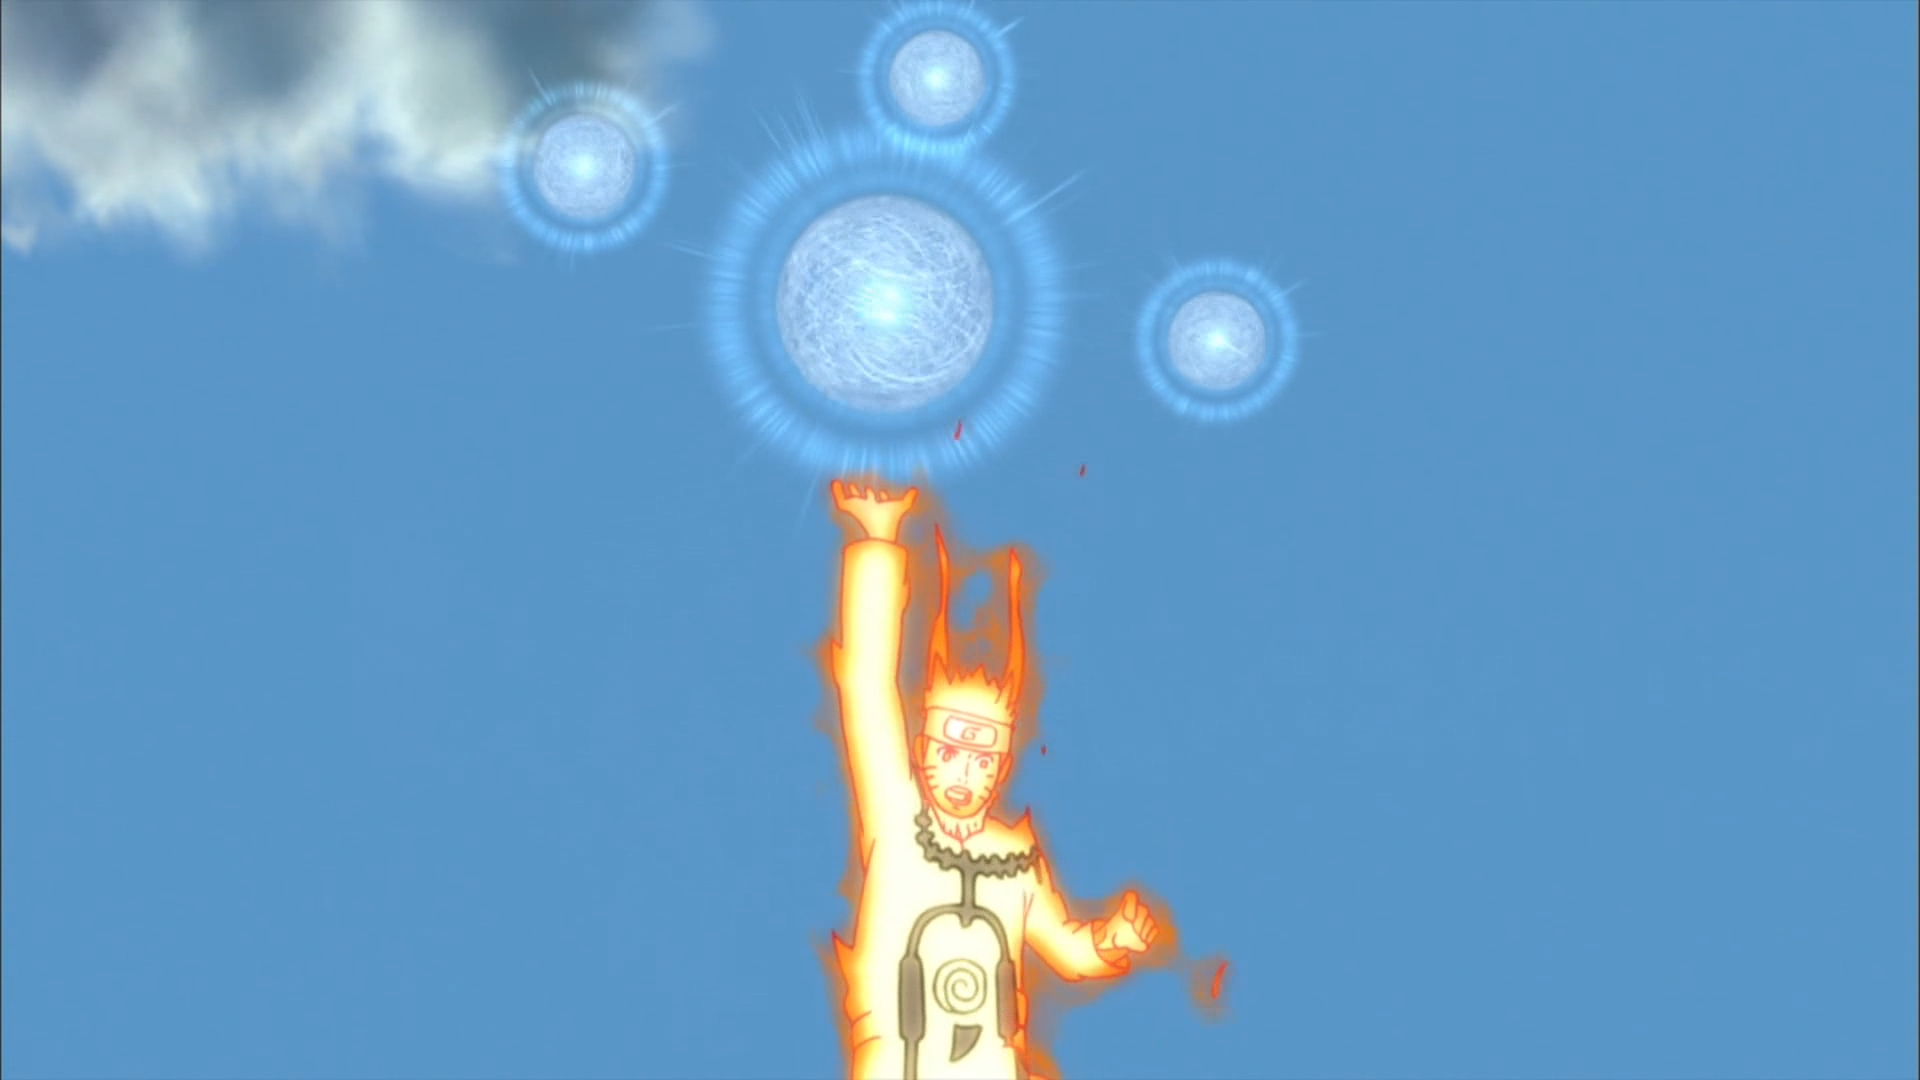 Rasengan no Jutsu - Técnica da Esfera Espiral [CCH] Latest?cb=20131022035326&path-prefix=pt-br